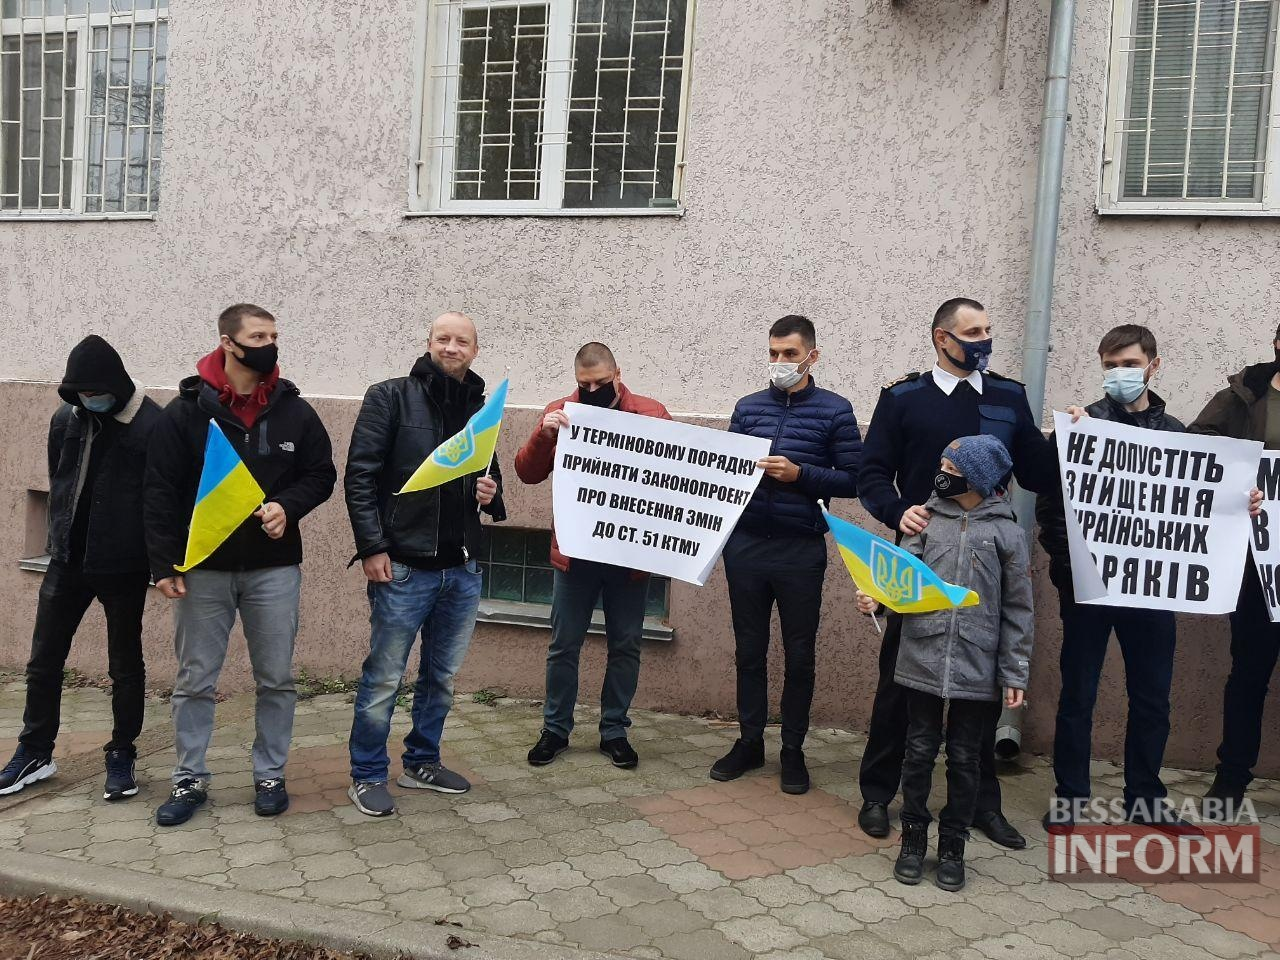 Моряки Измаила протестуют: огромные взятки убивают профессию